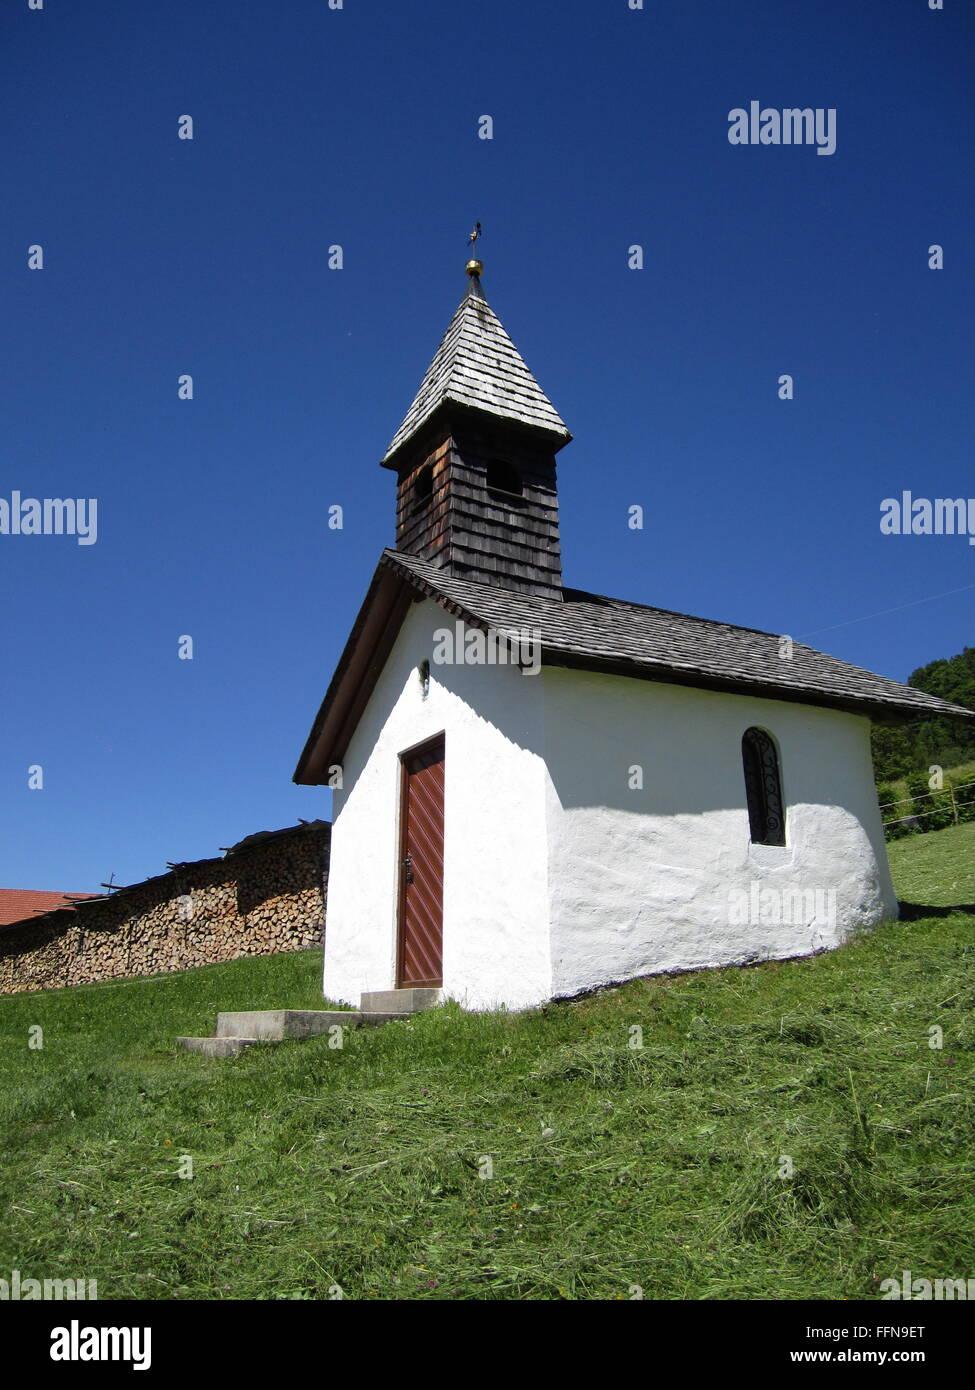 """Geografía / viajes, Alemania, Baviera, paisajes, Rein valle alpino, """"lácteos Hanneslabauer', Imagen De Stock"""